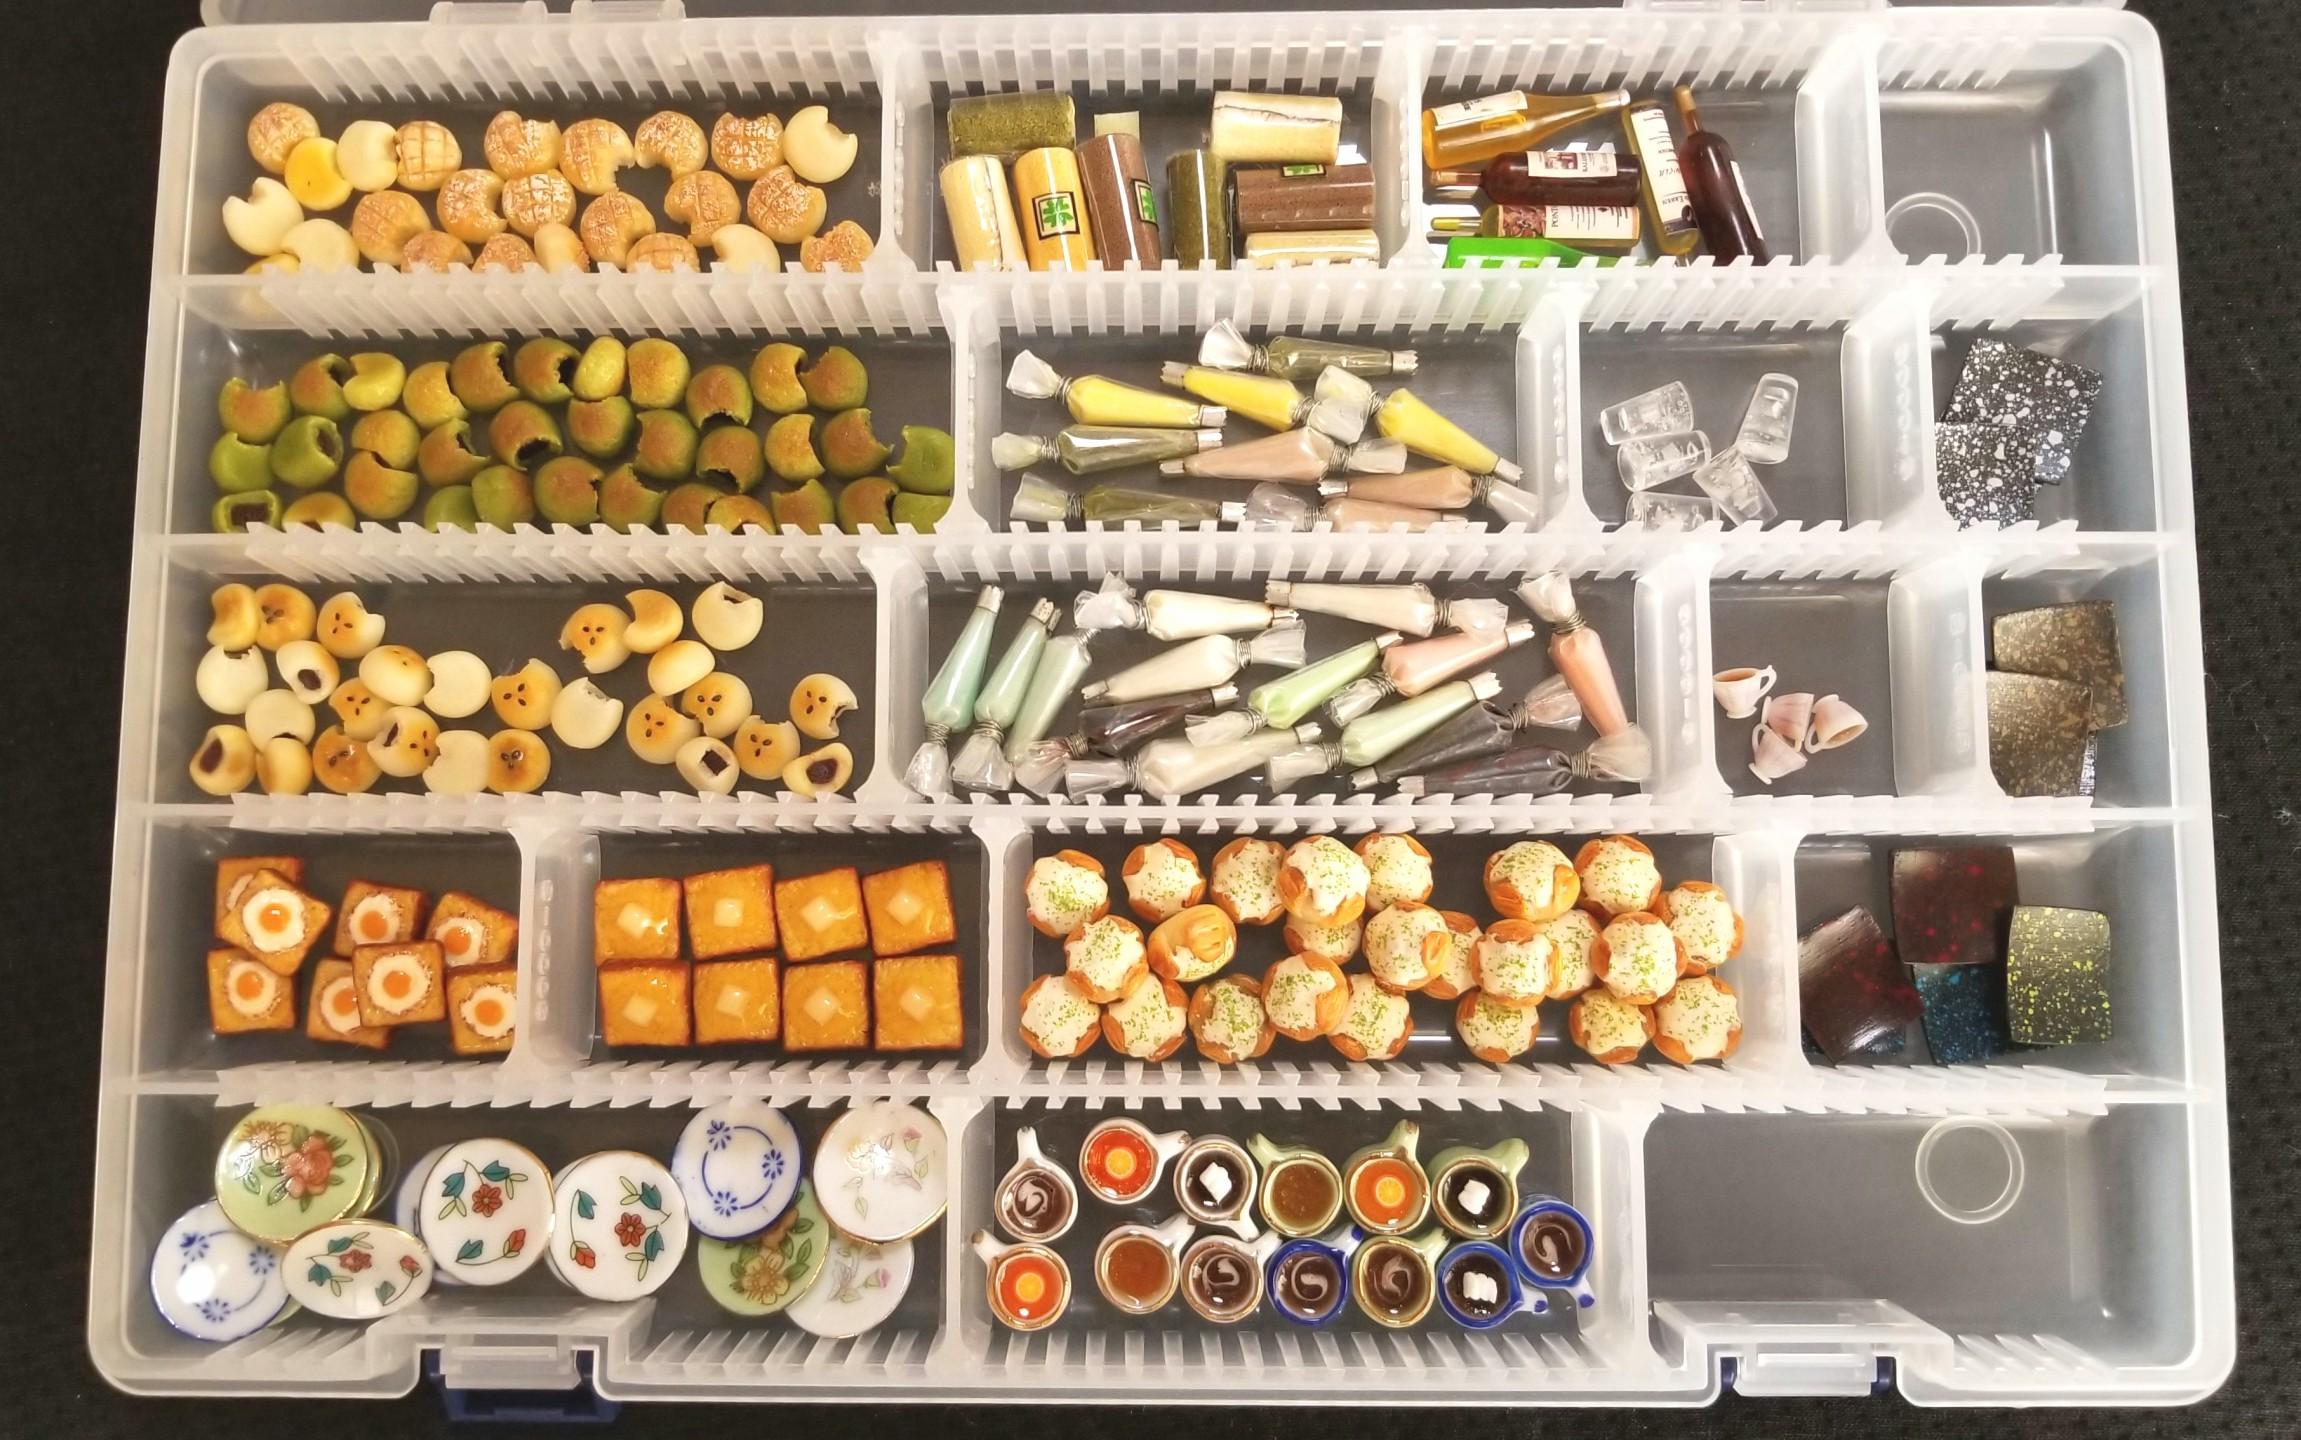 ミニチュアフード,パン,ドリンク,絞り袋,シルバニア,食品サンプル